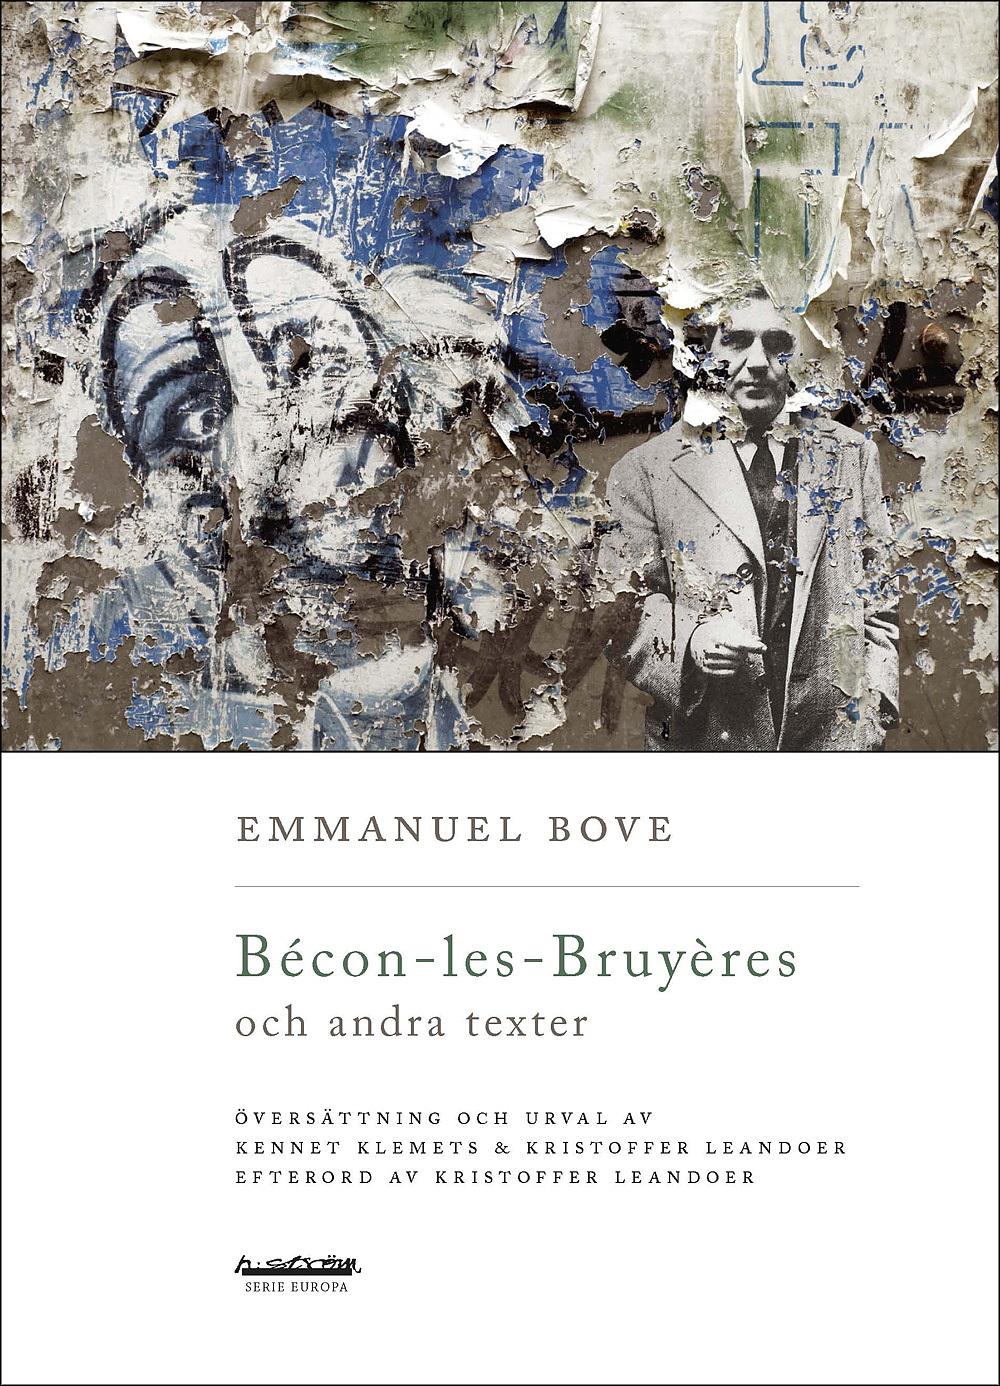 """Edition suédoise de """"Bécon-les-Bruyères"""""""